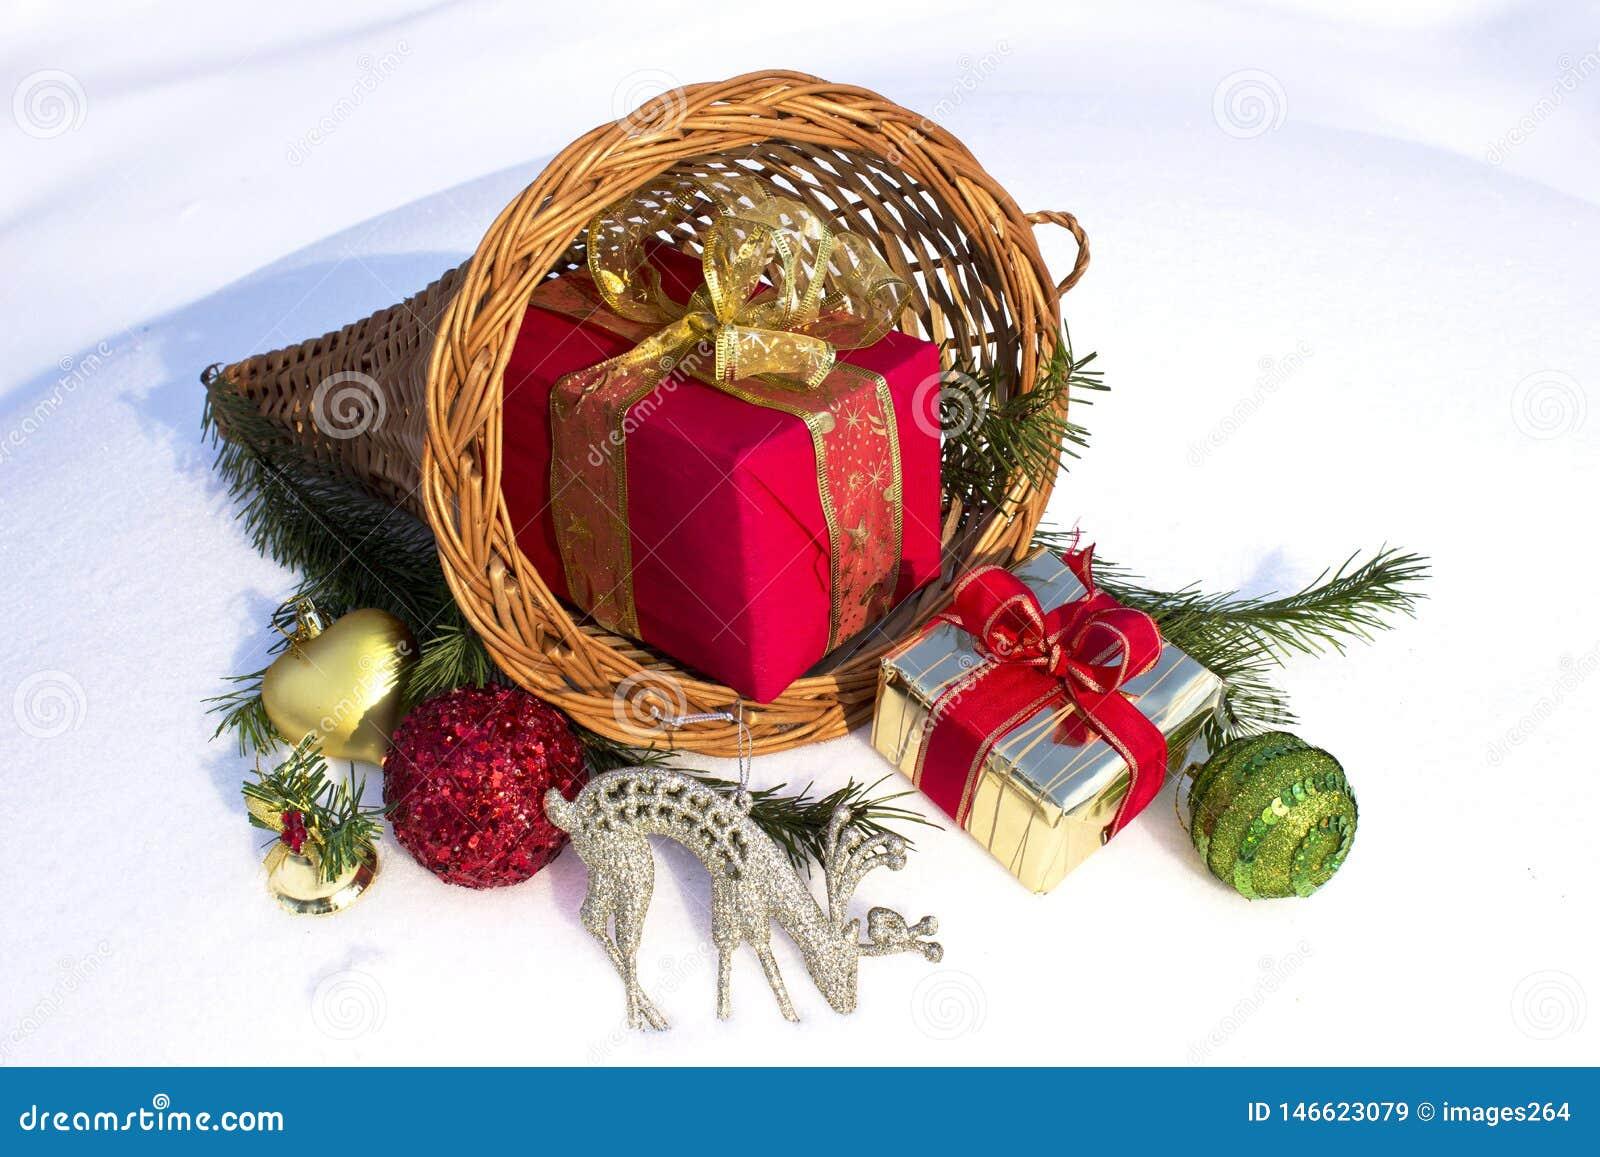 Regalos y ornamentos de la Navidad